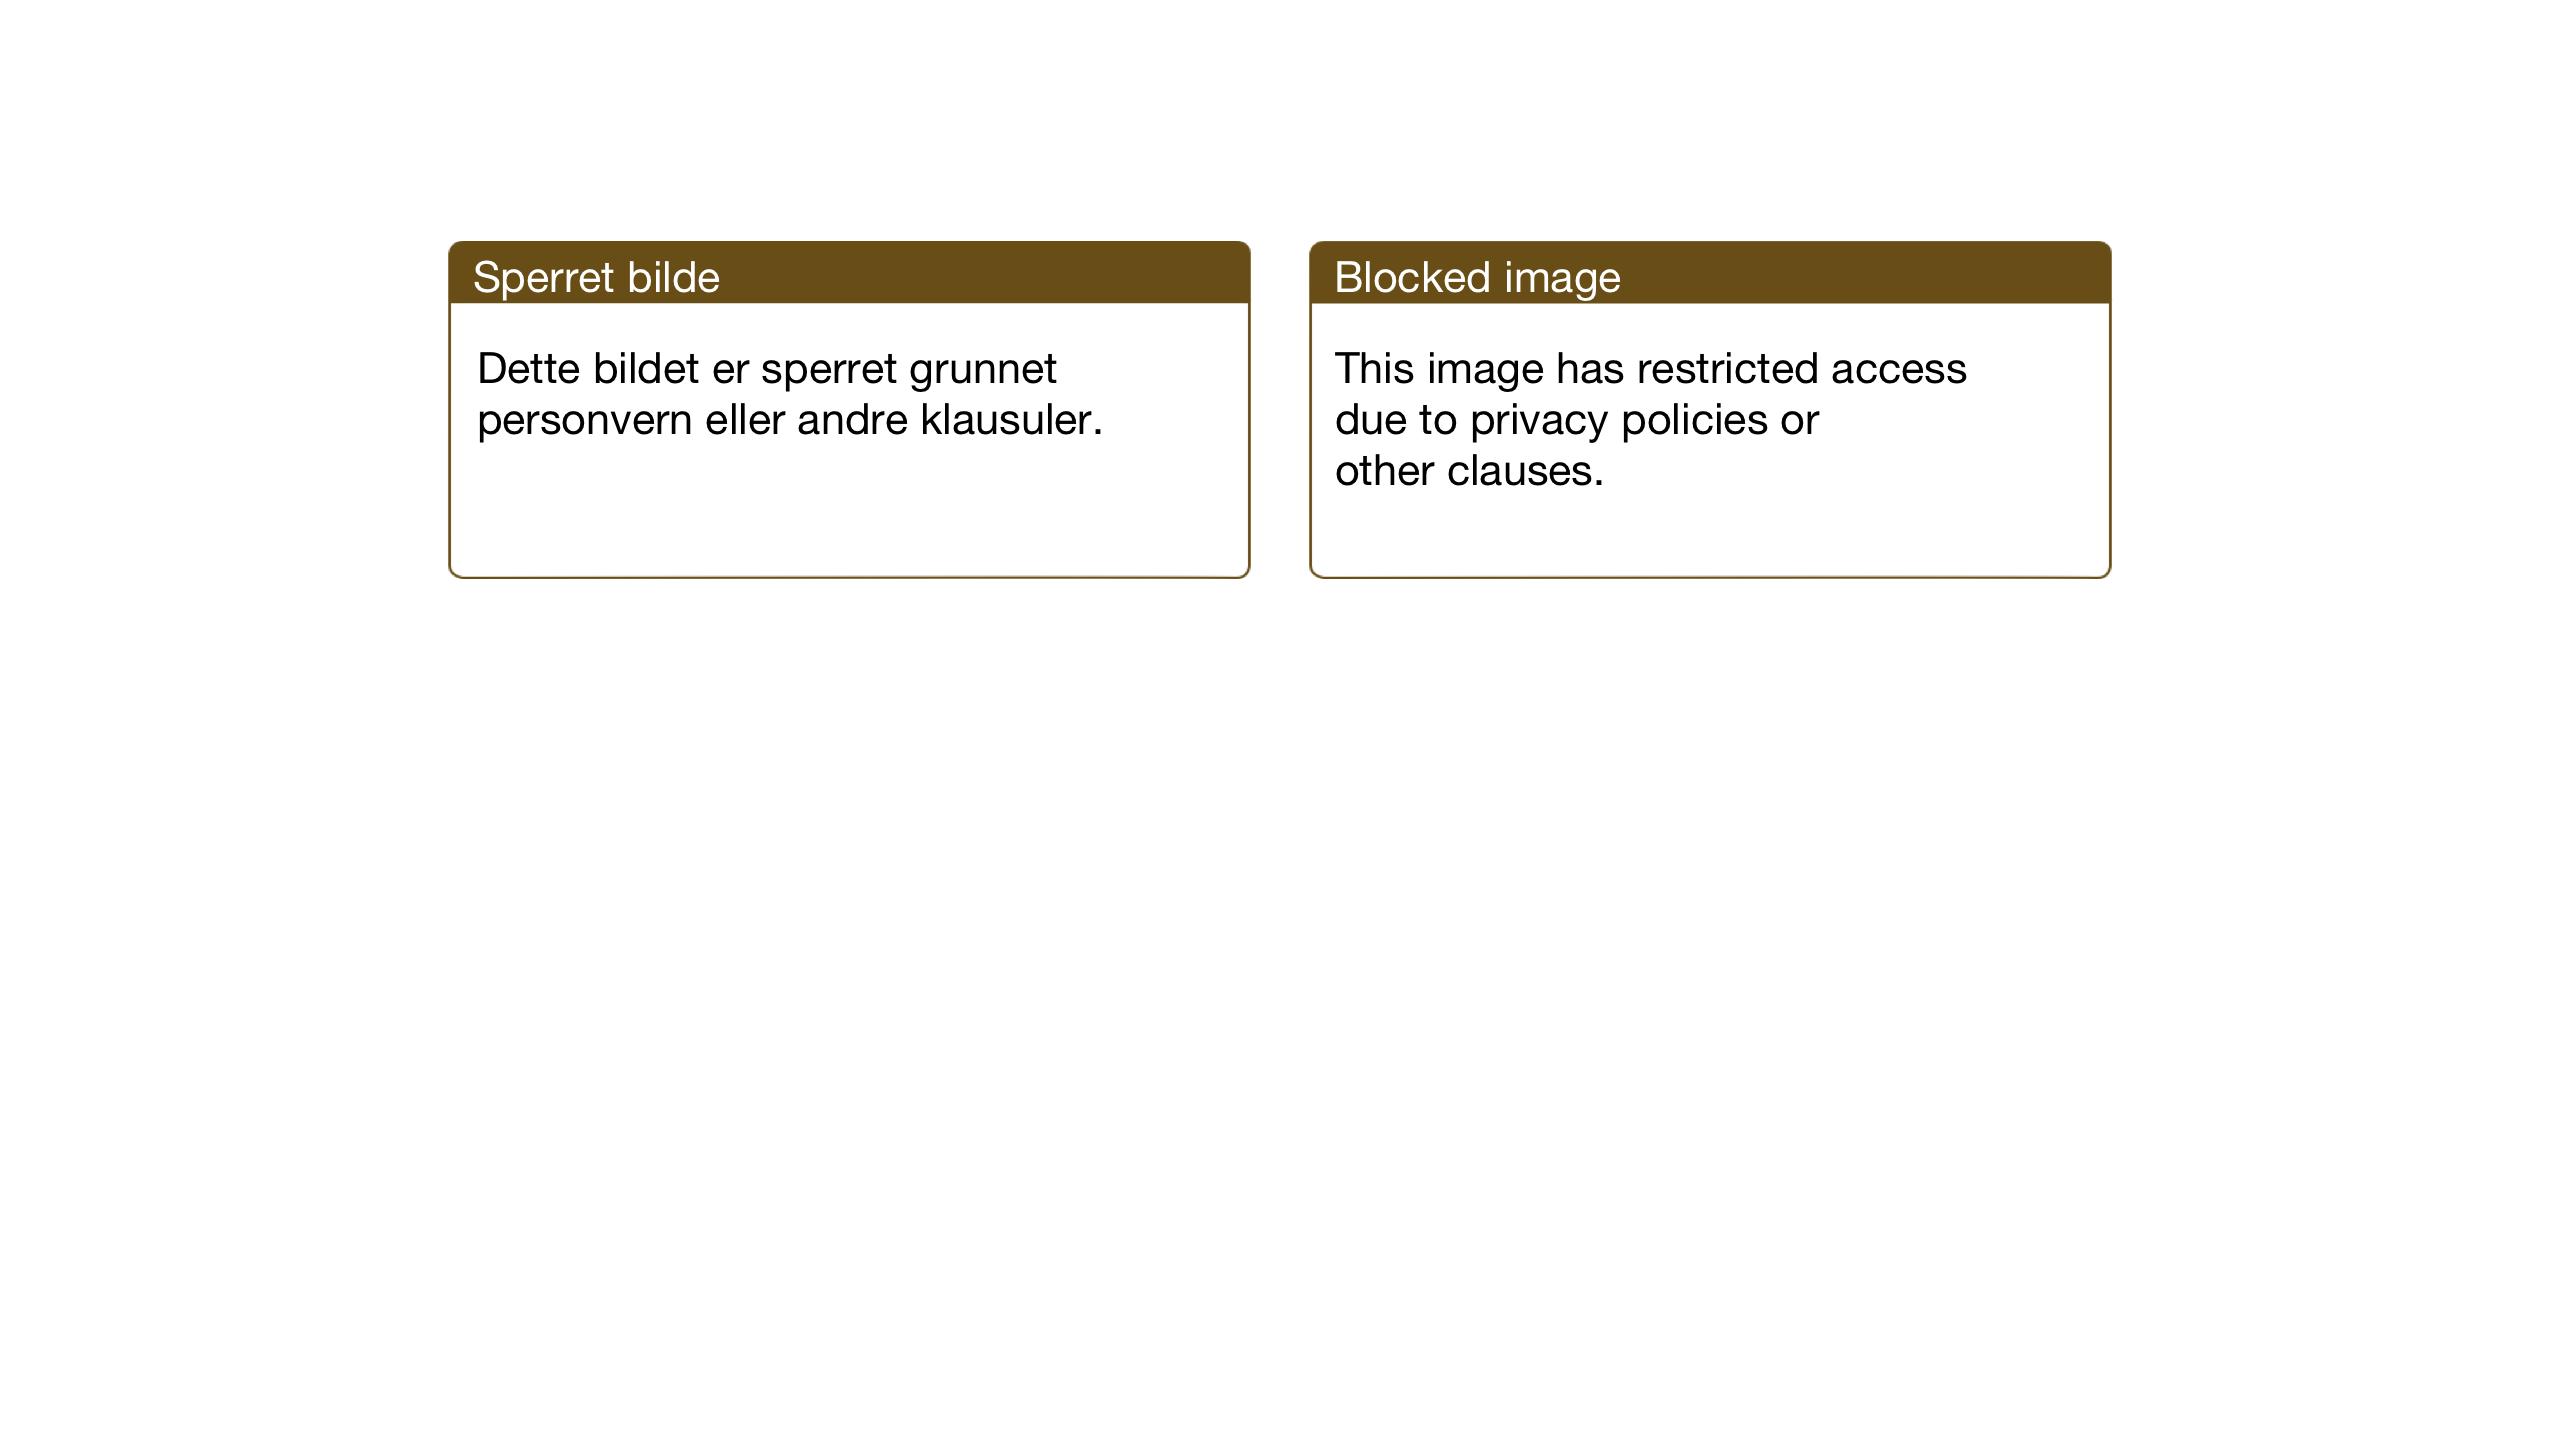 SAT, Ministerialprotokoller, klokkerbøker og fødselsregistre - Sør-Trøndelag, 618/L0454: Klokkerbok nr. 618C05, 1926-1946, s. 29